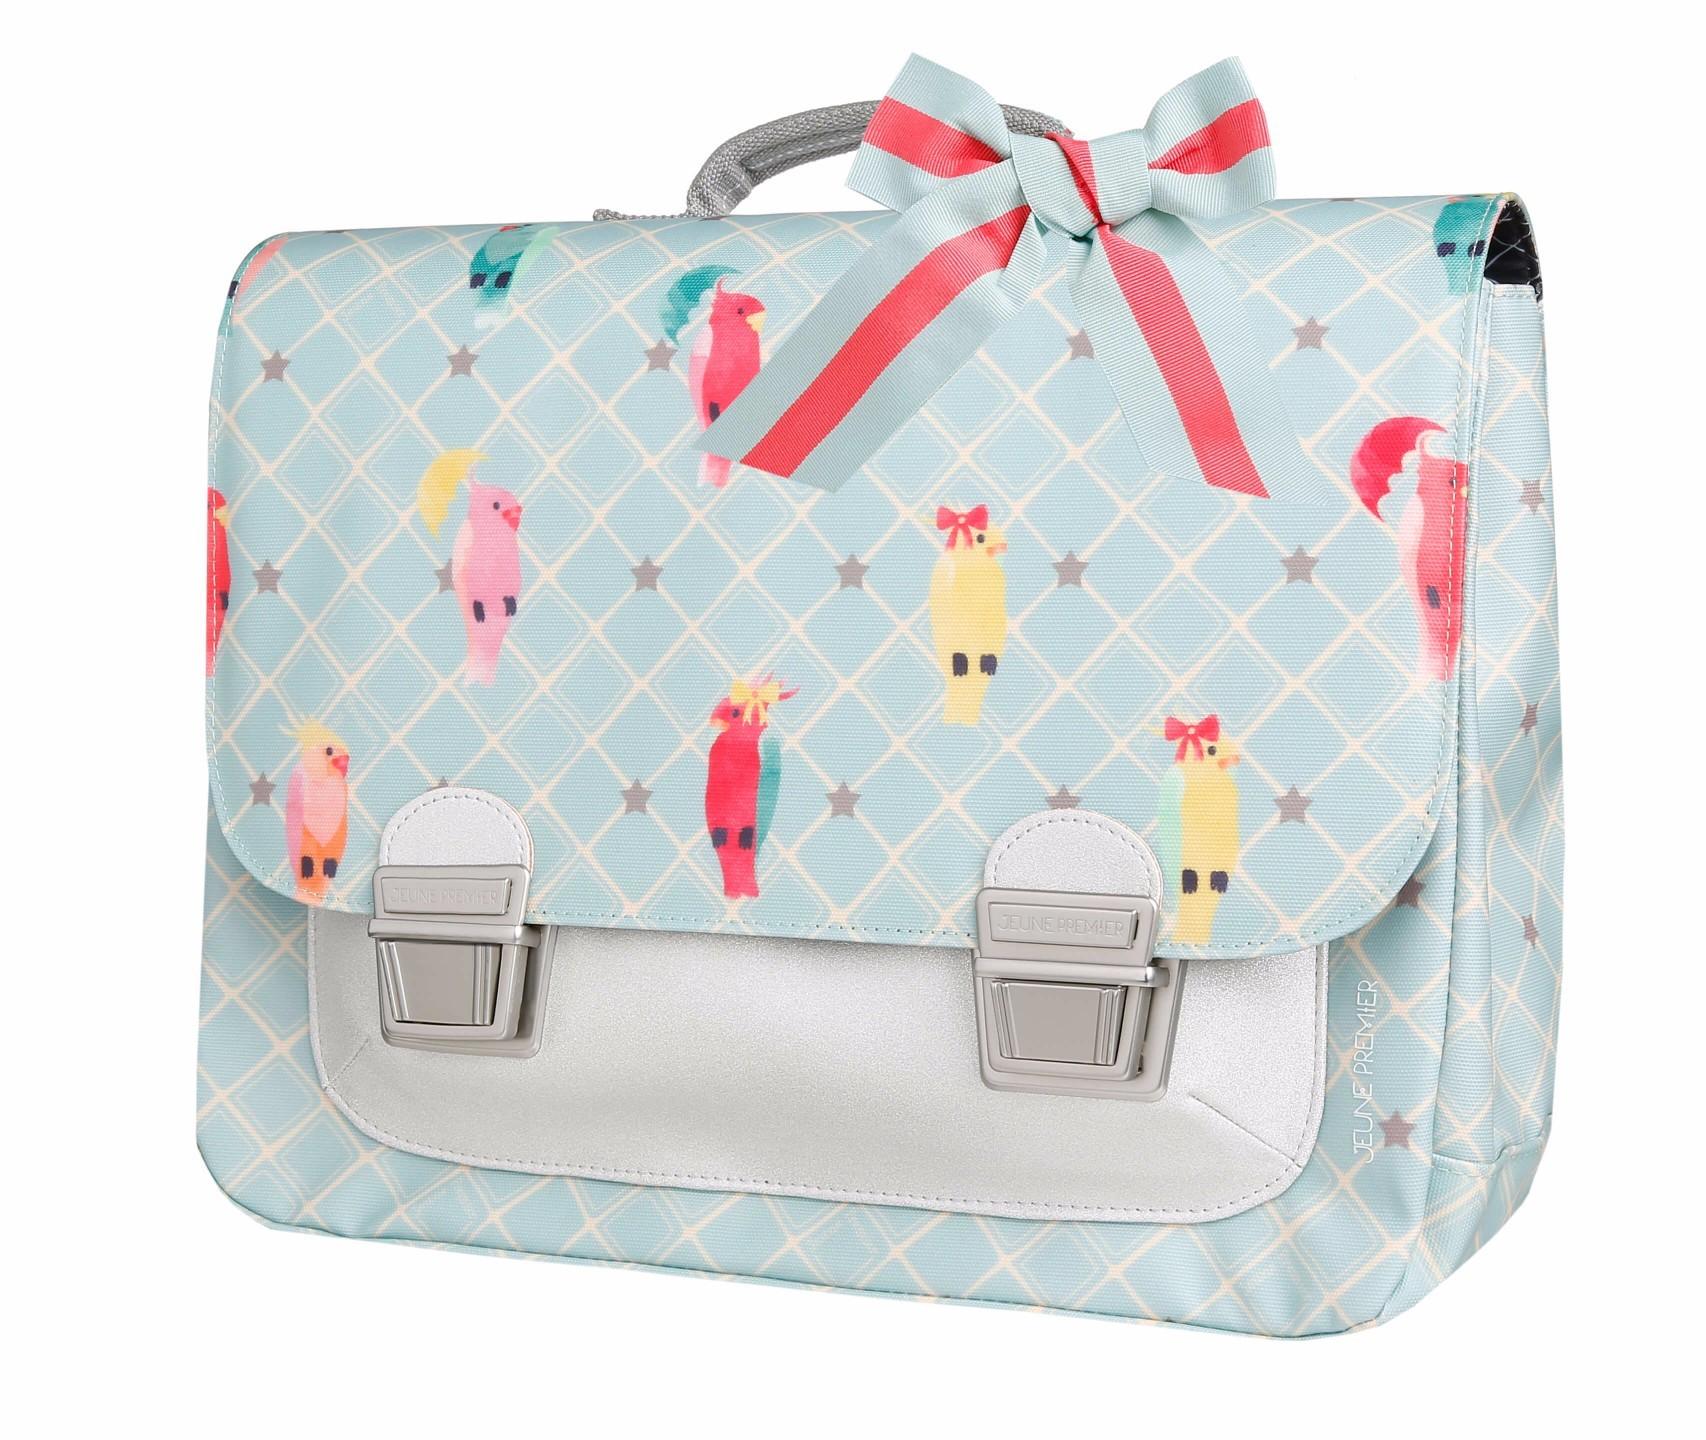 Школьный портфель для девочки Jeune Premier Posh Parrots Попугаи Midi , - фото 2